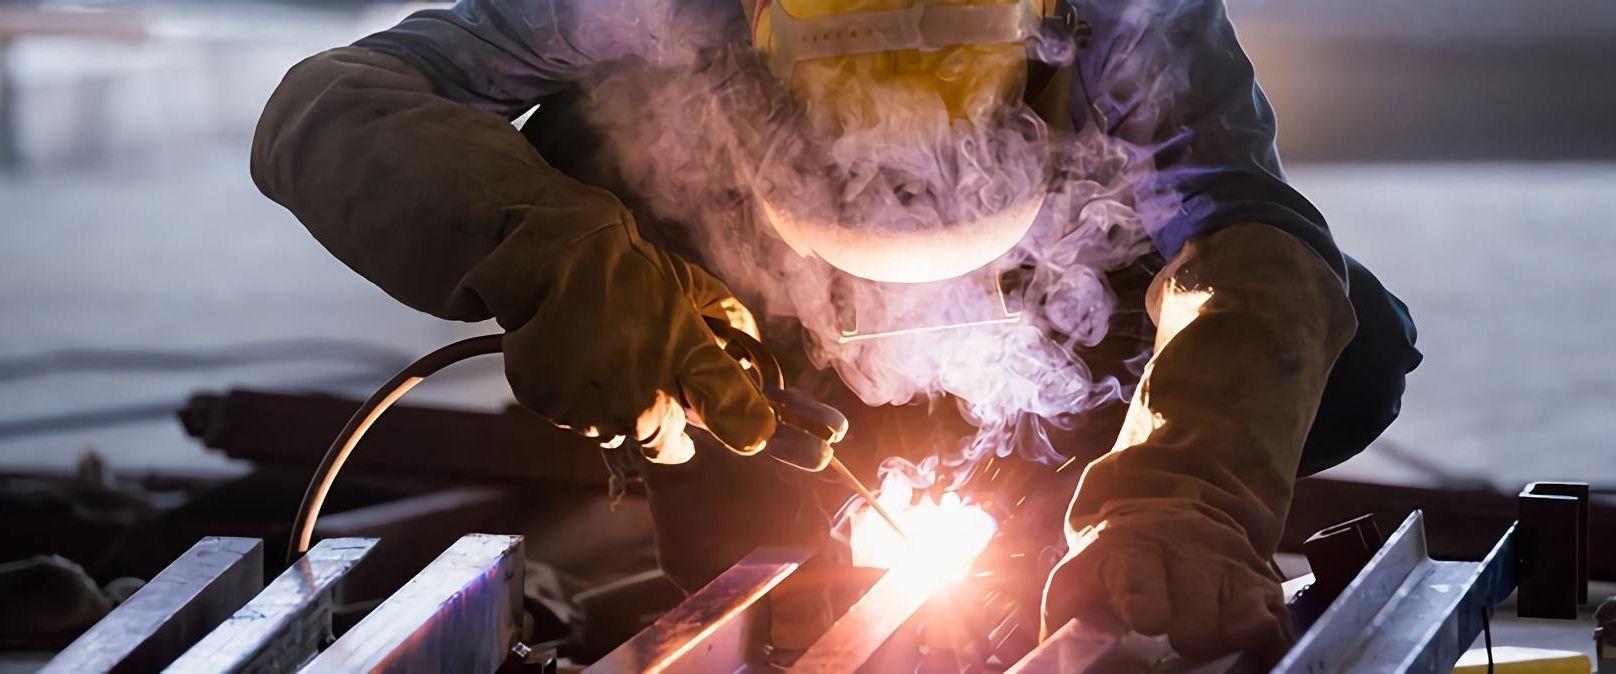 Muitas vagas de emprego na multinacional de origem japonesa Sankyu para atender contratos da siderúrgica ArcelorMittal em agosto e setembro, em João Monlevade - MG